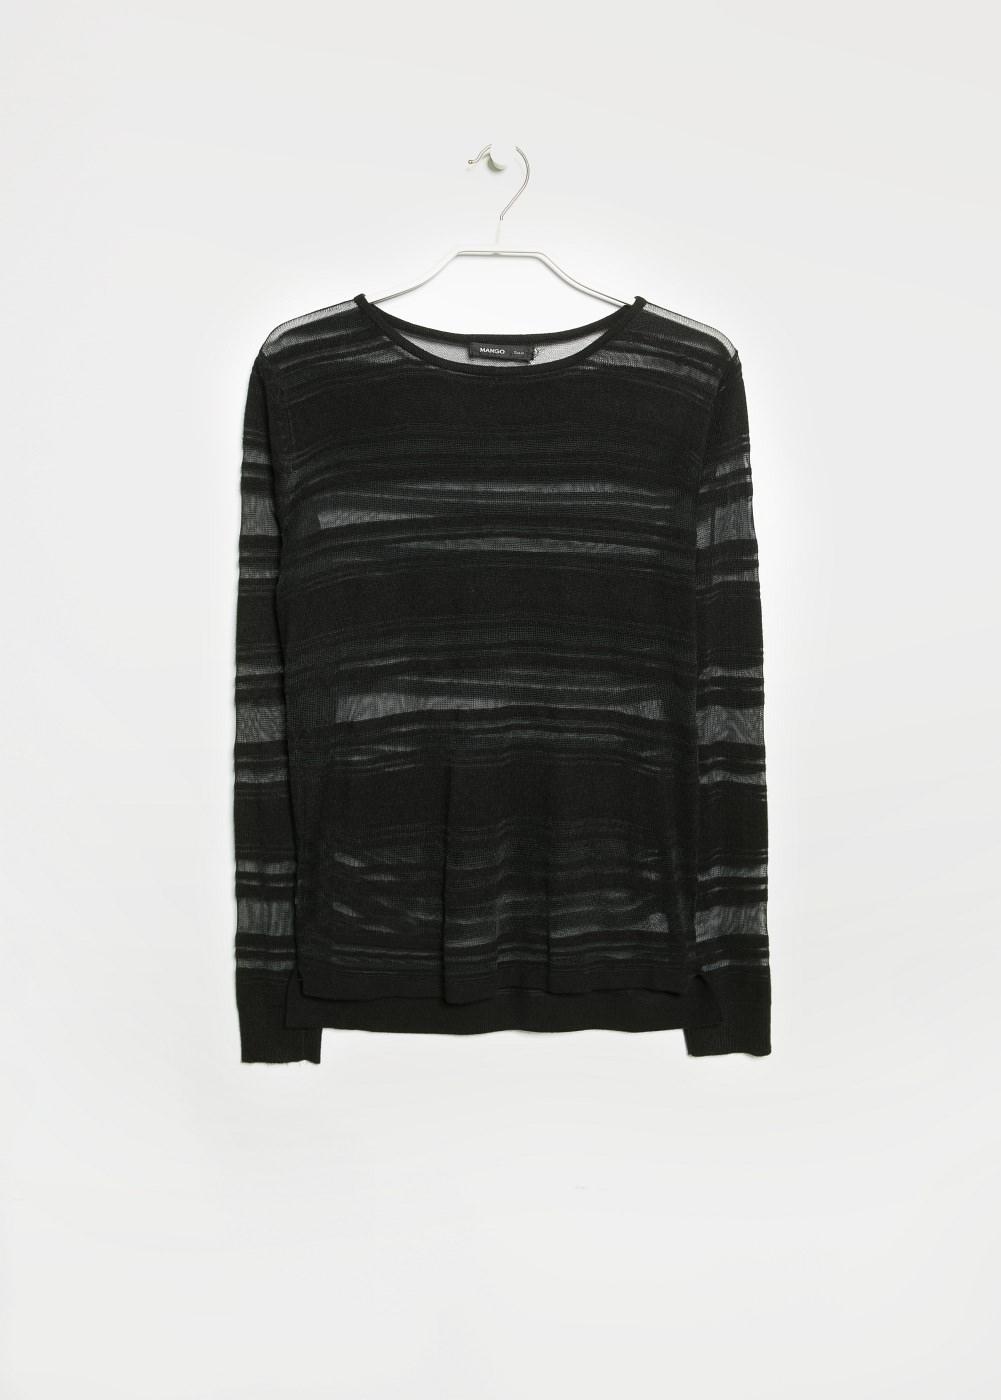 http://shop.mango.com/PL/p0/kobieta/odziez/kardigany-i-swetry/swetry/sweter-przezroczyste-pasy/?id=23025546_02&n=1&s=prendas.vestidosprendas&ident=0__0_1401638184605&ts=1401638184605